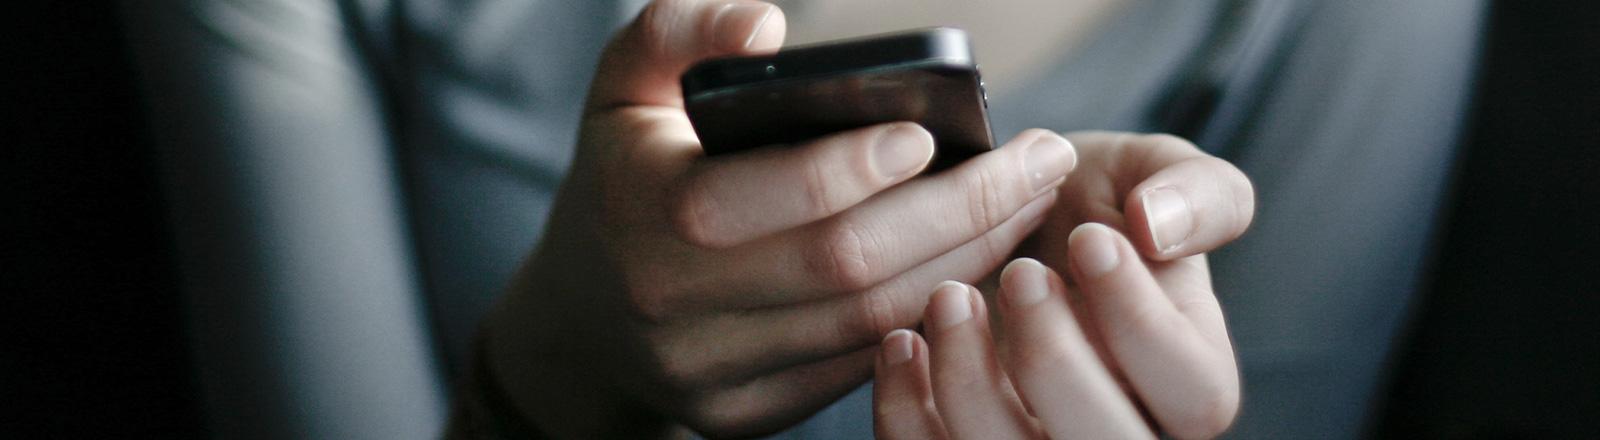 Zwei Hände, die ein Smartphone halten.